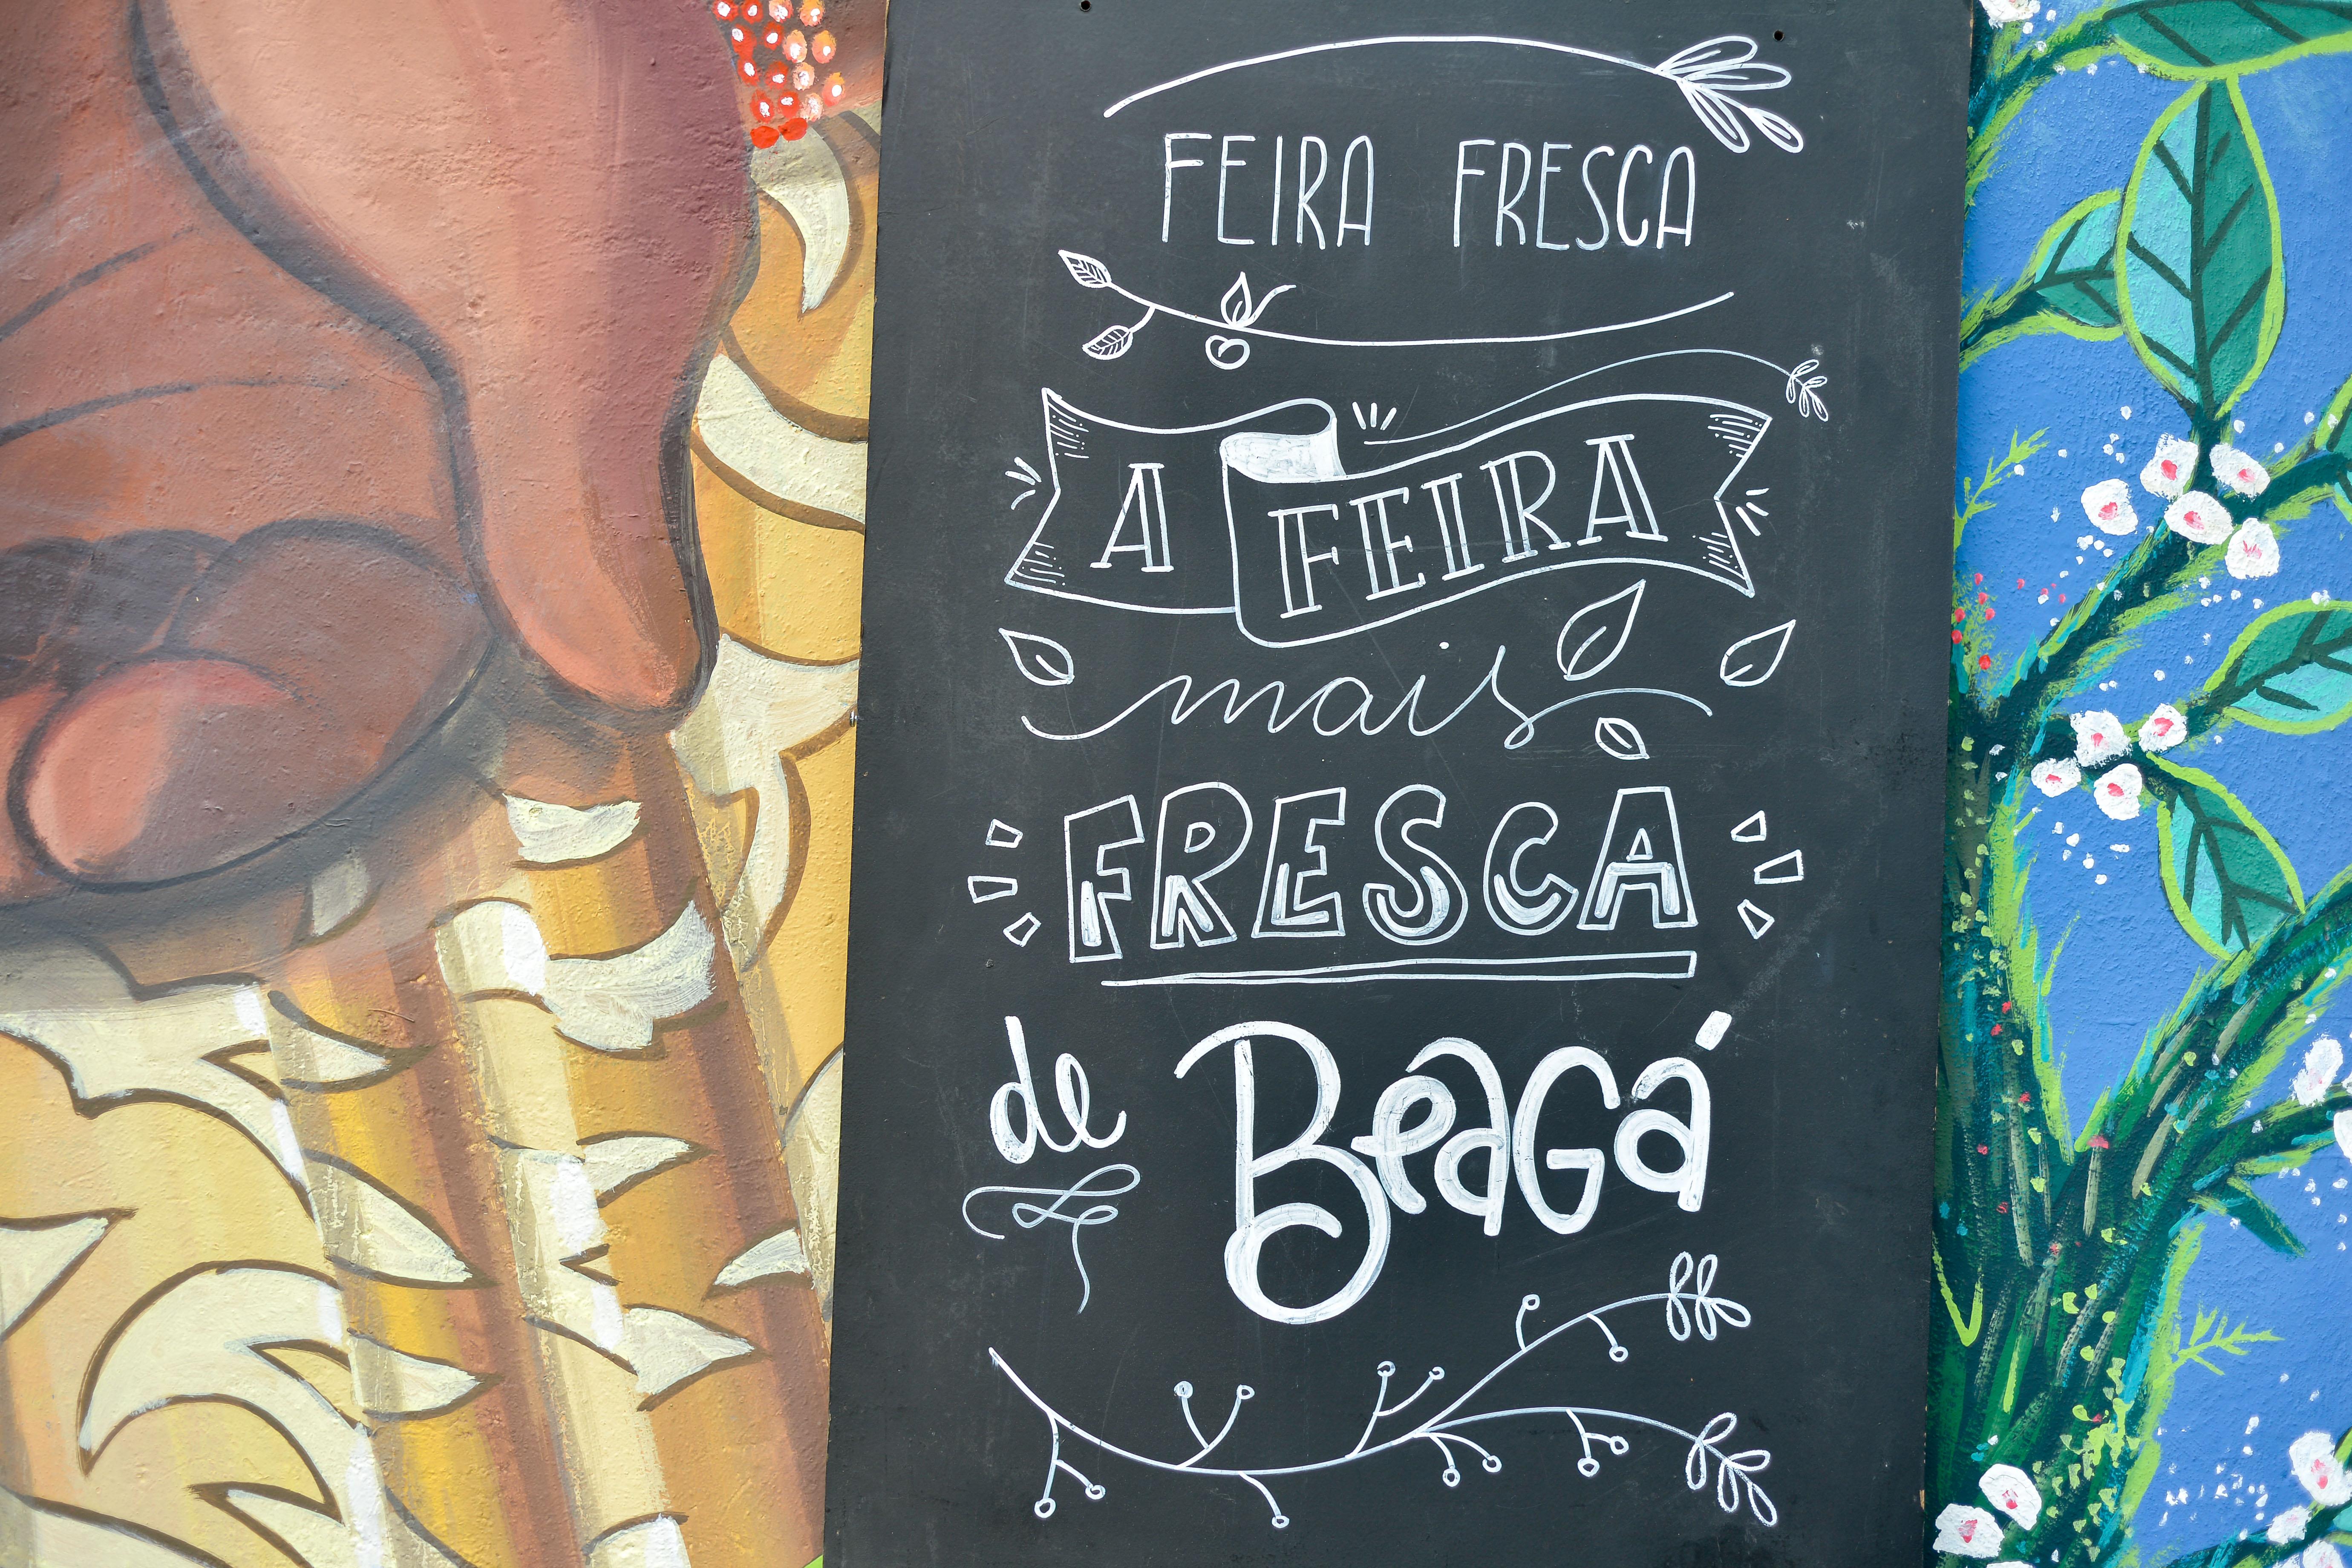 Feira Fresca a feira mais fresca de Beagá